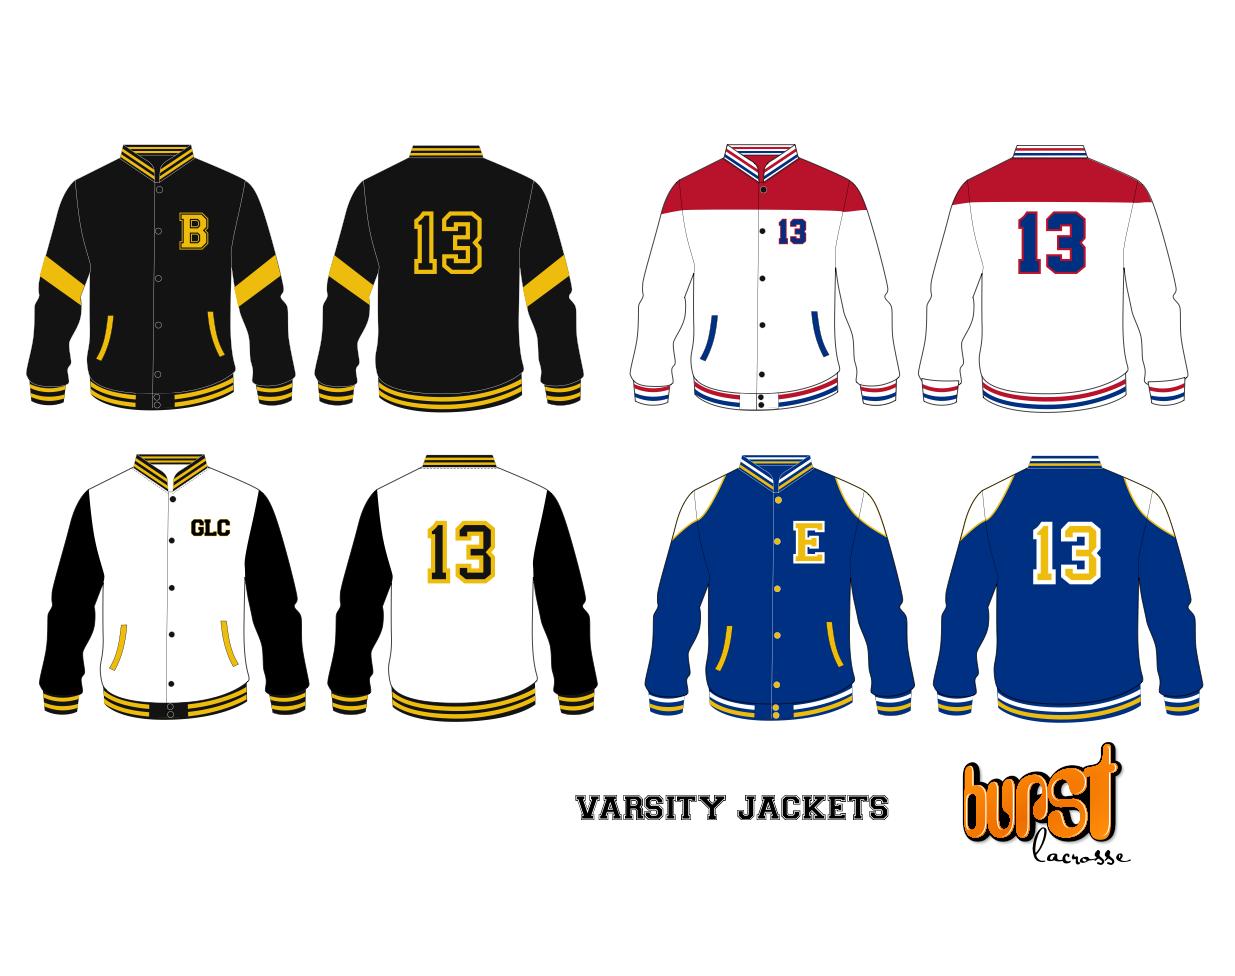 1235x976 Burst Varsity Jackets Gthink Studio.design